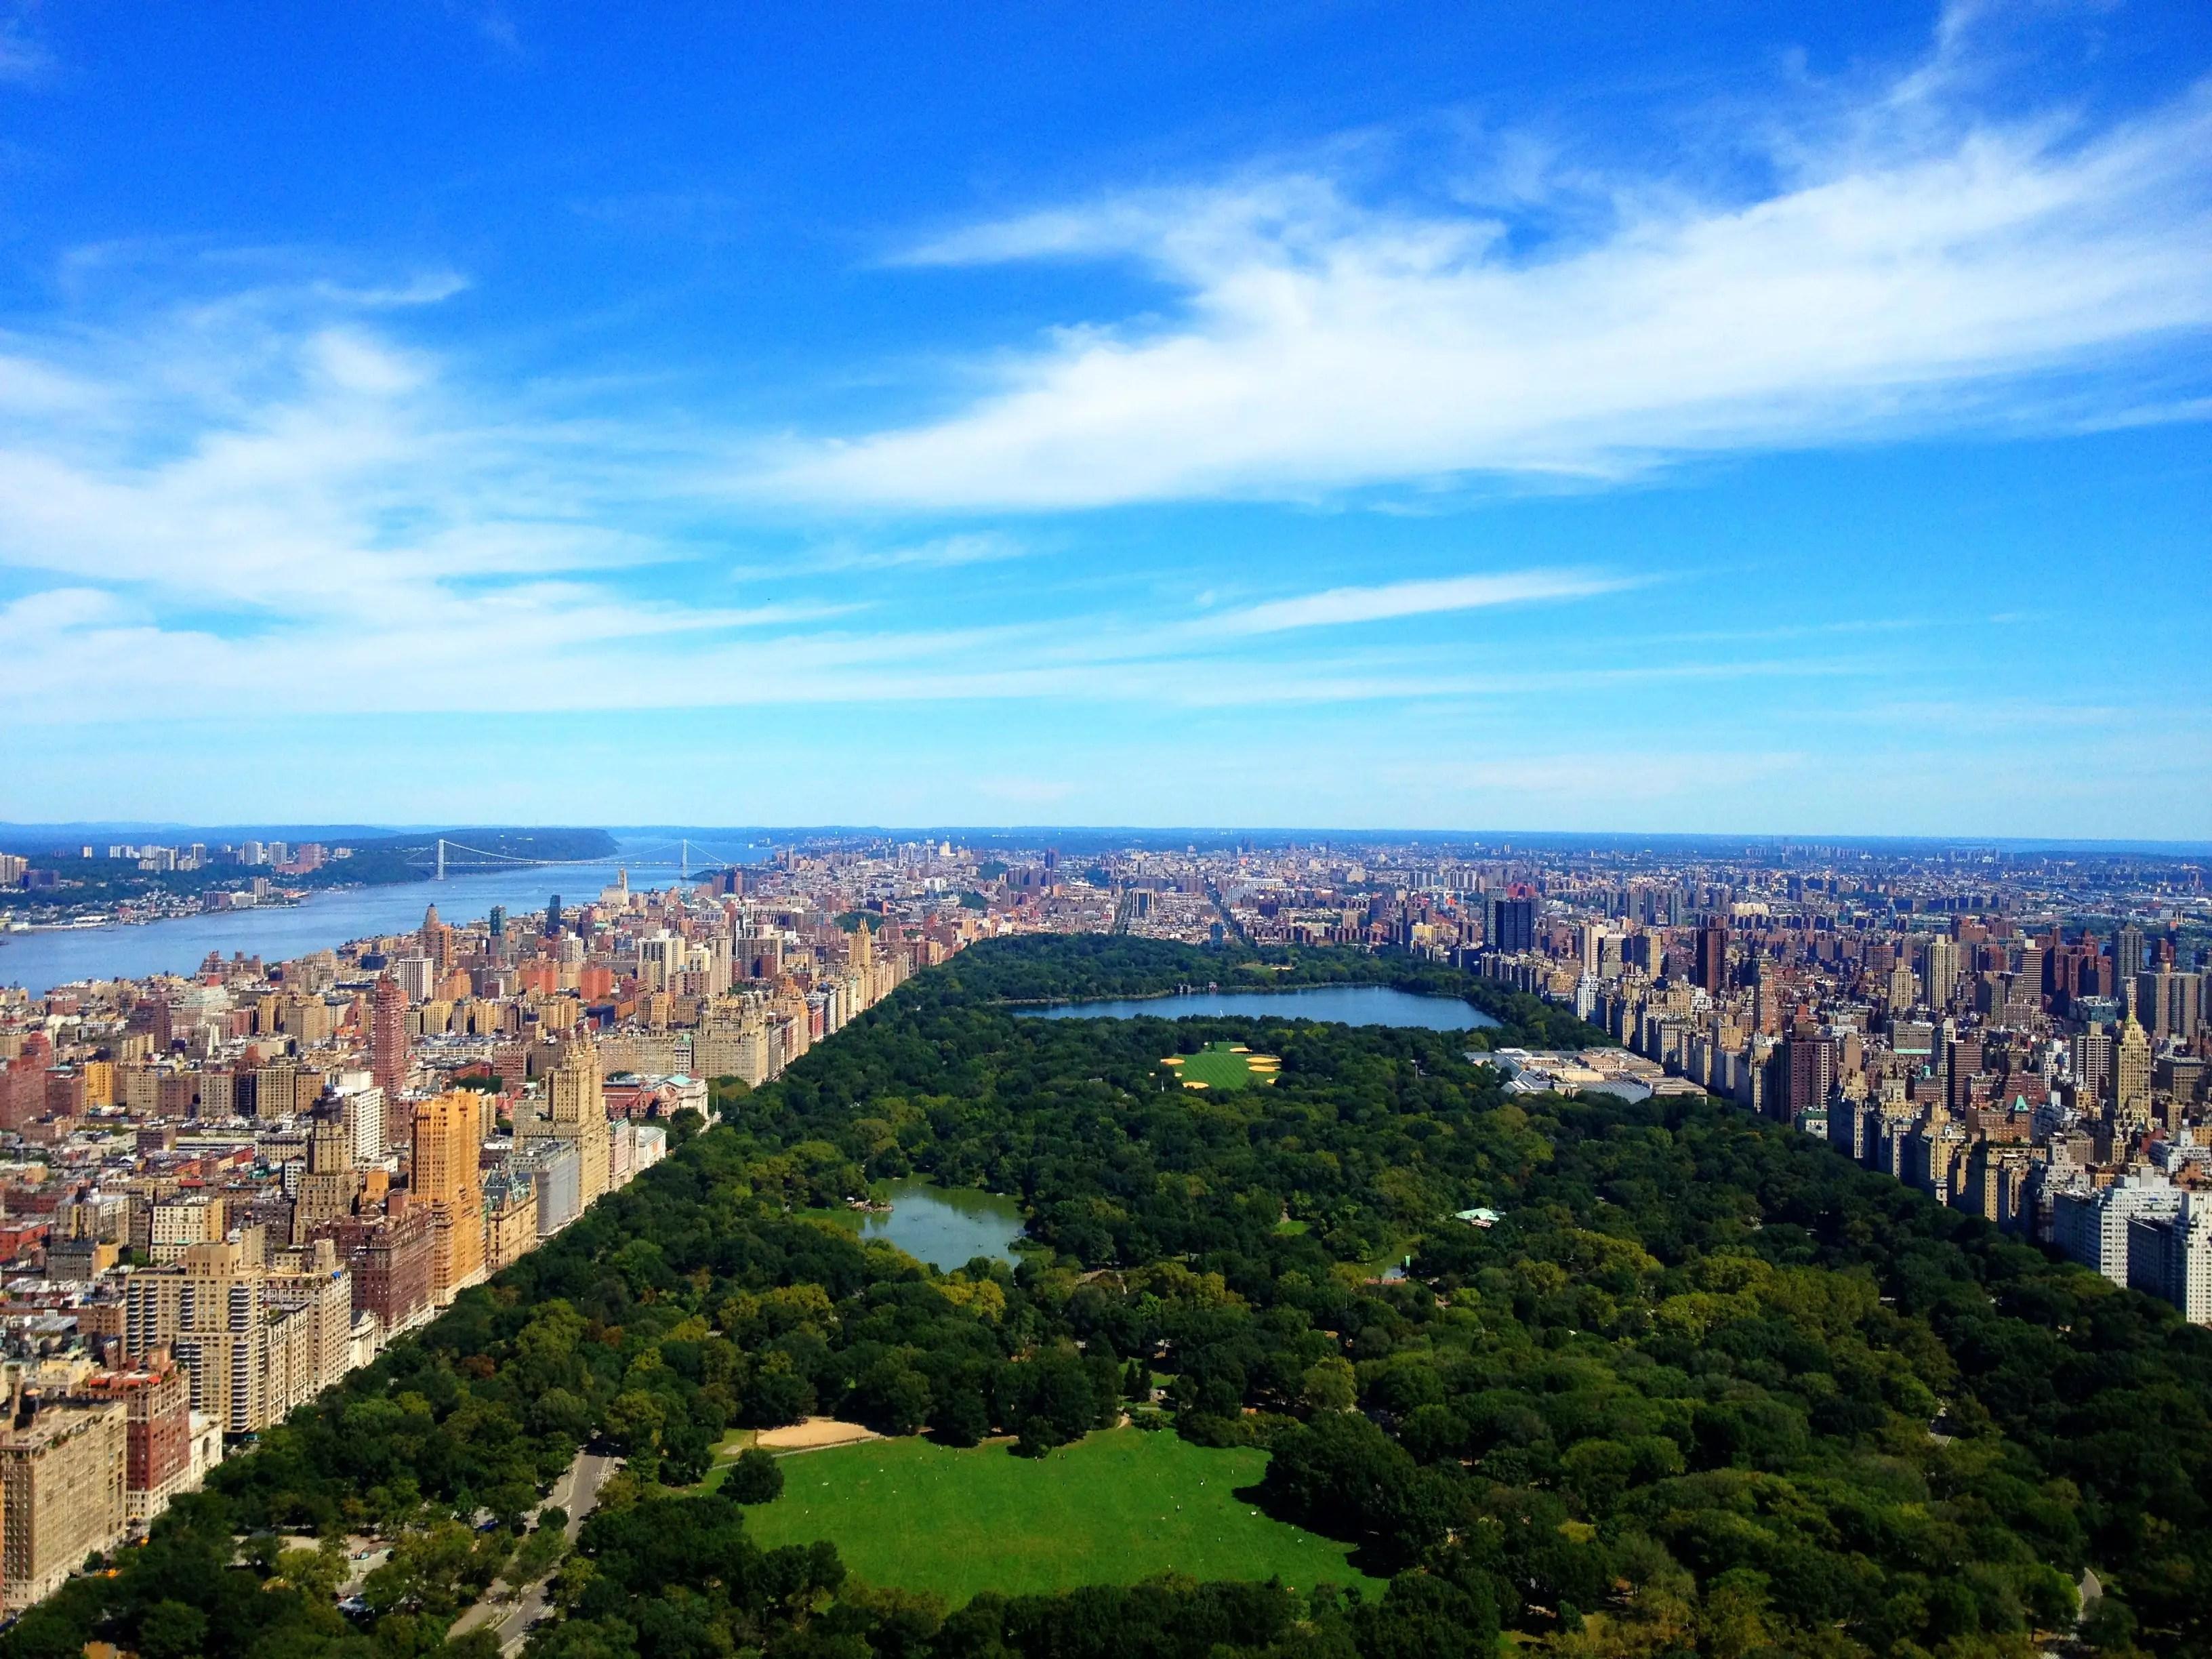 11. A billionaire fashion mogul closed on his NYC condo for $56.1 million.